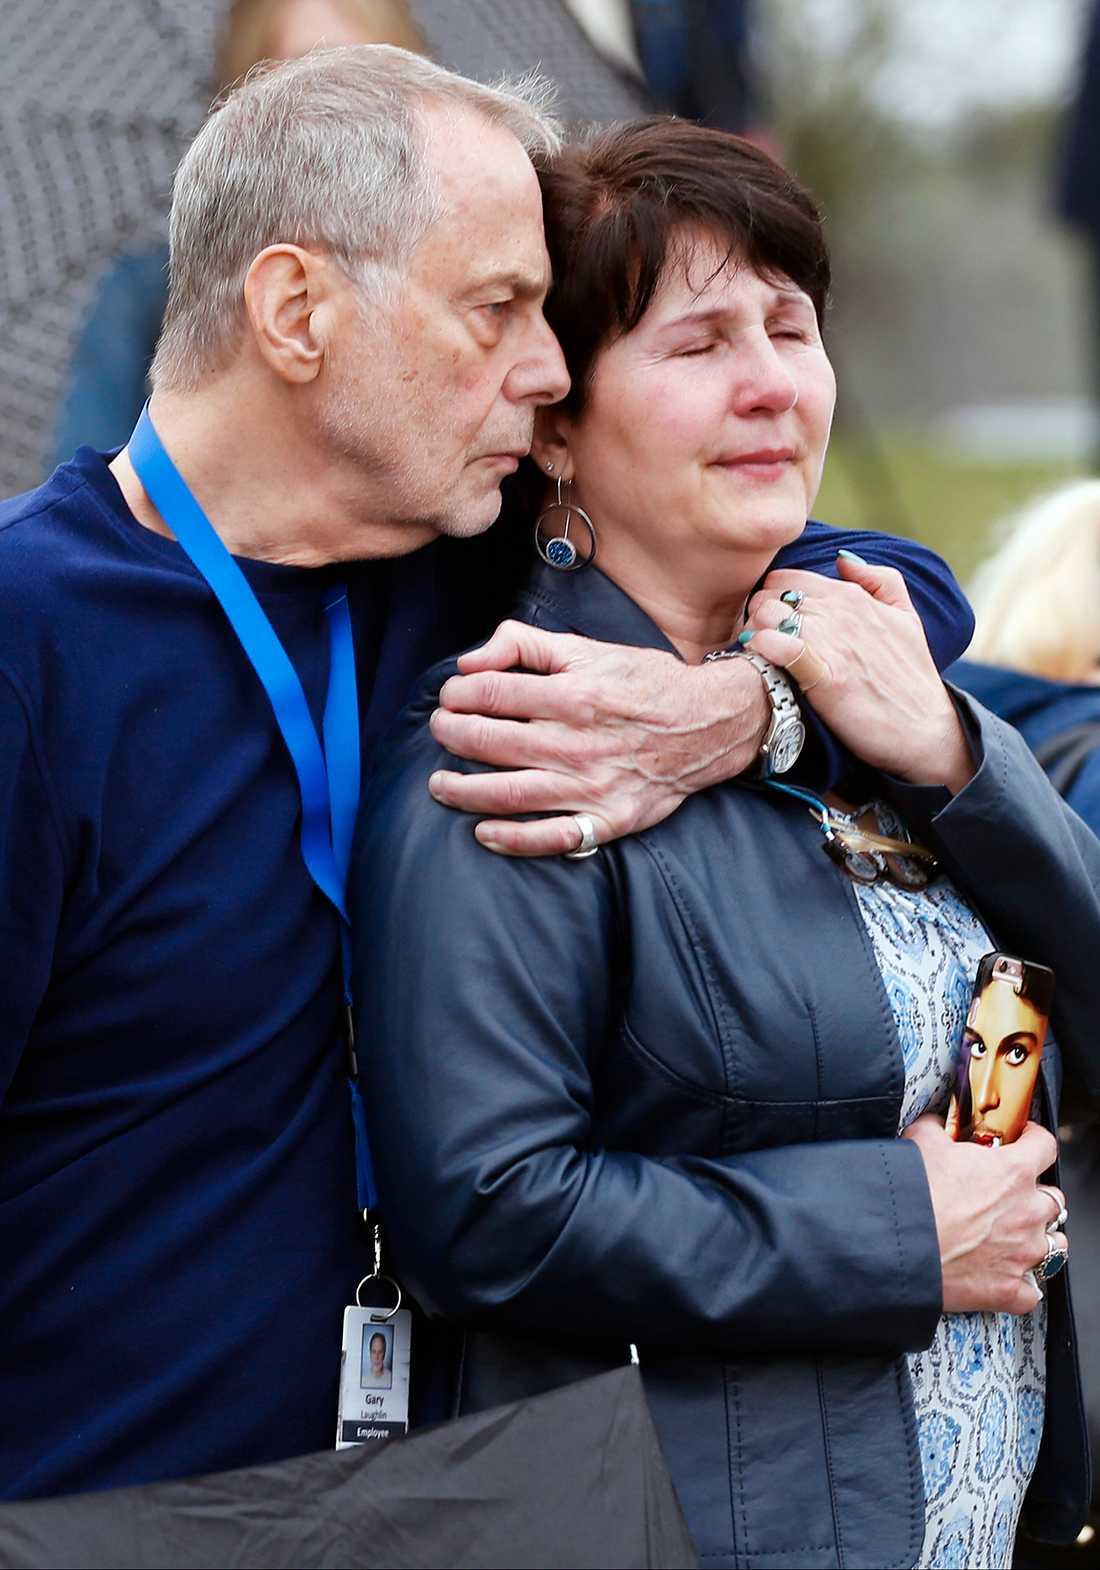 Fans samlas utanför Paisley Park efter beskedet om Prince död.